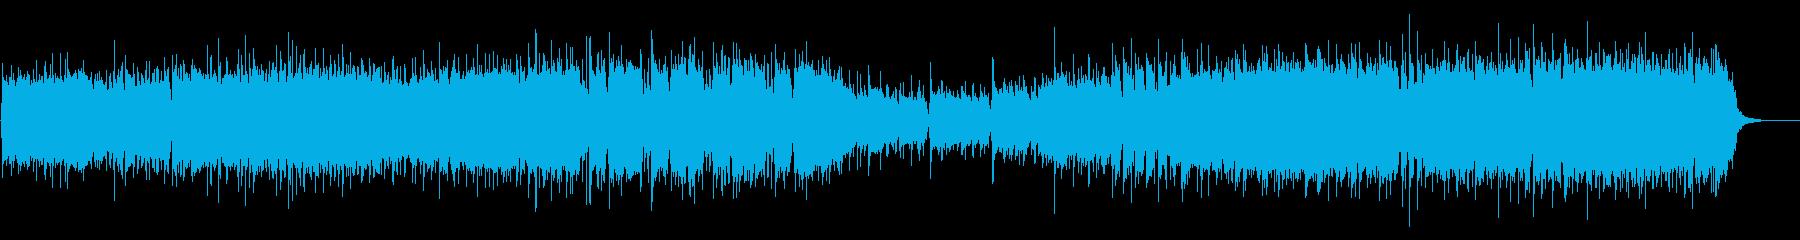 ゲームのオープニング風フュージョン曲の再生済みの波形